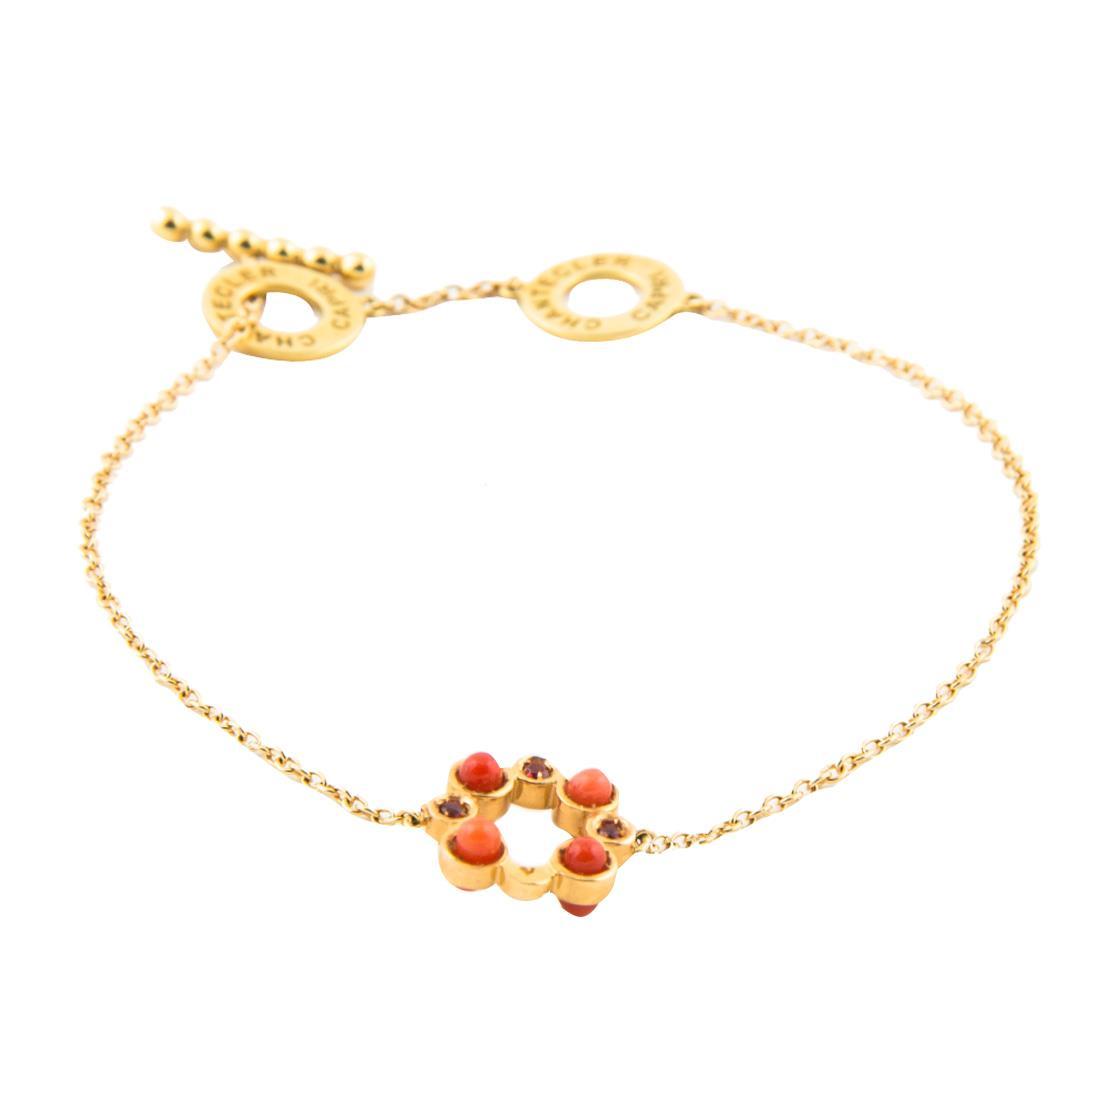 Bracciale in oro rosa con un elemento in corallo e zaffiri arancio, lunghezza 18,5cm - CHANTECLER